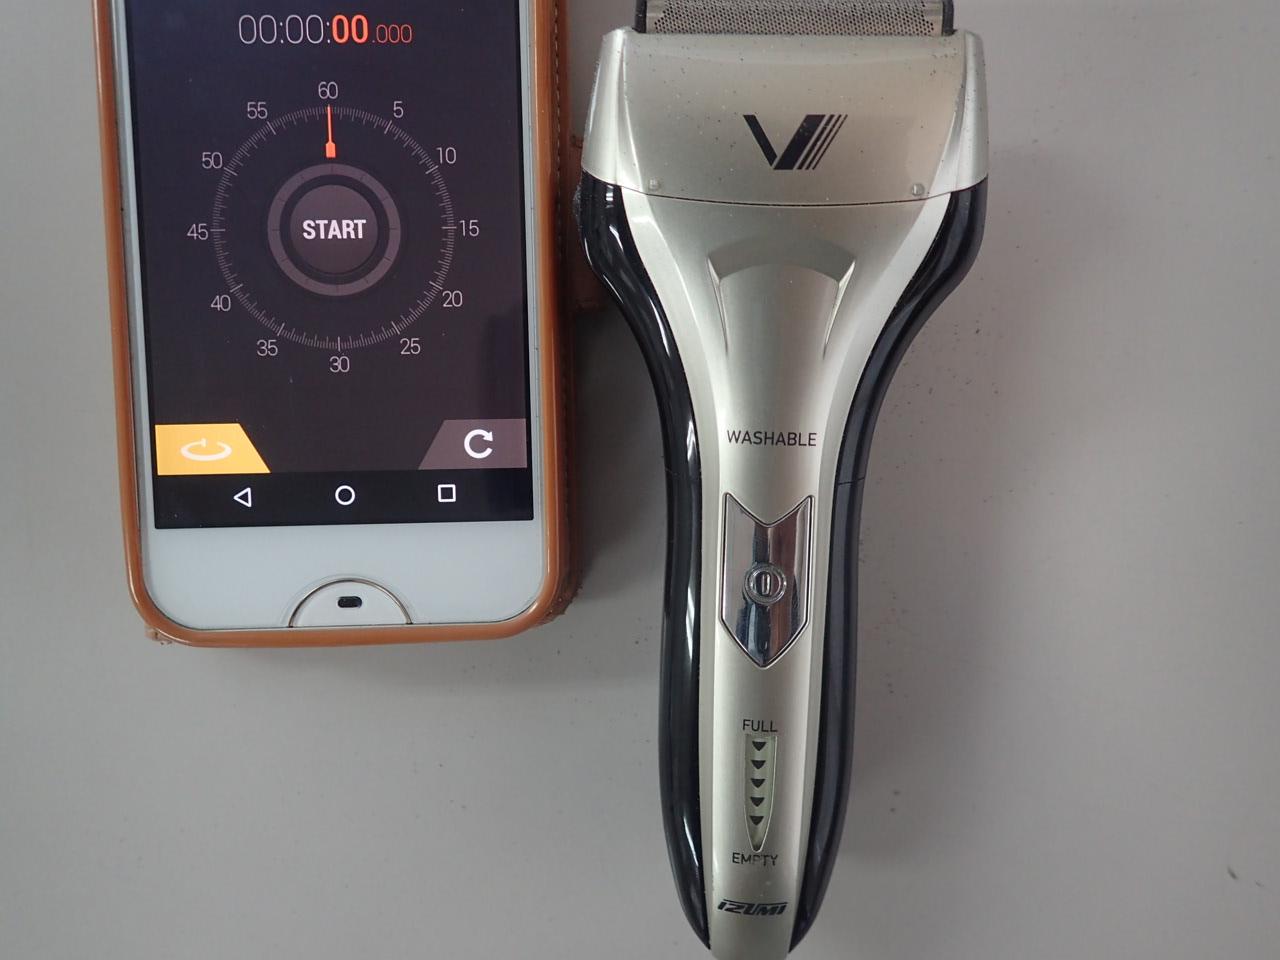 コスパ重視ならイズミの髭剃りはおすすめです!フル充電(2時間)で連続90分は十分使えますよ